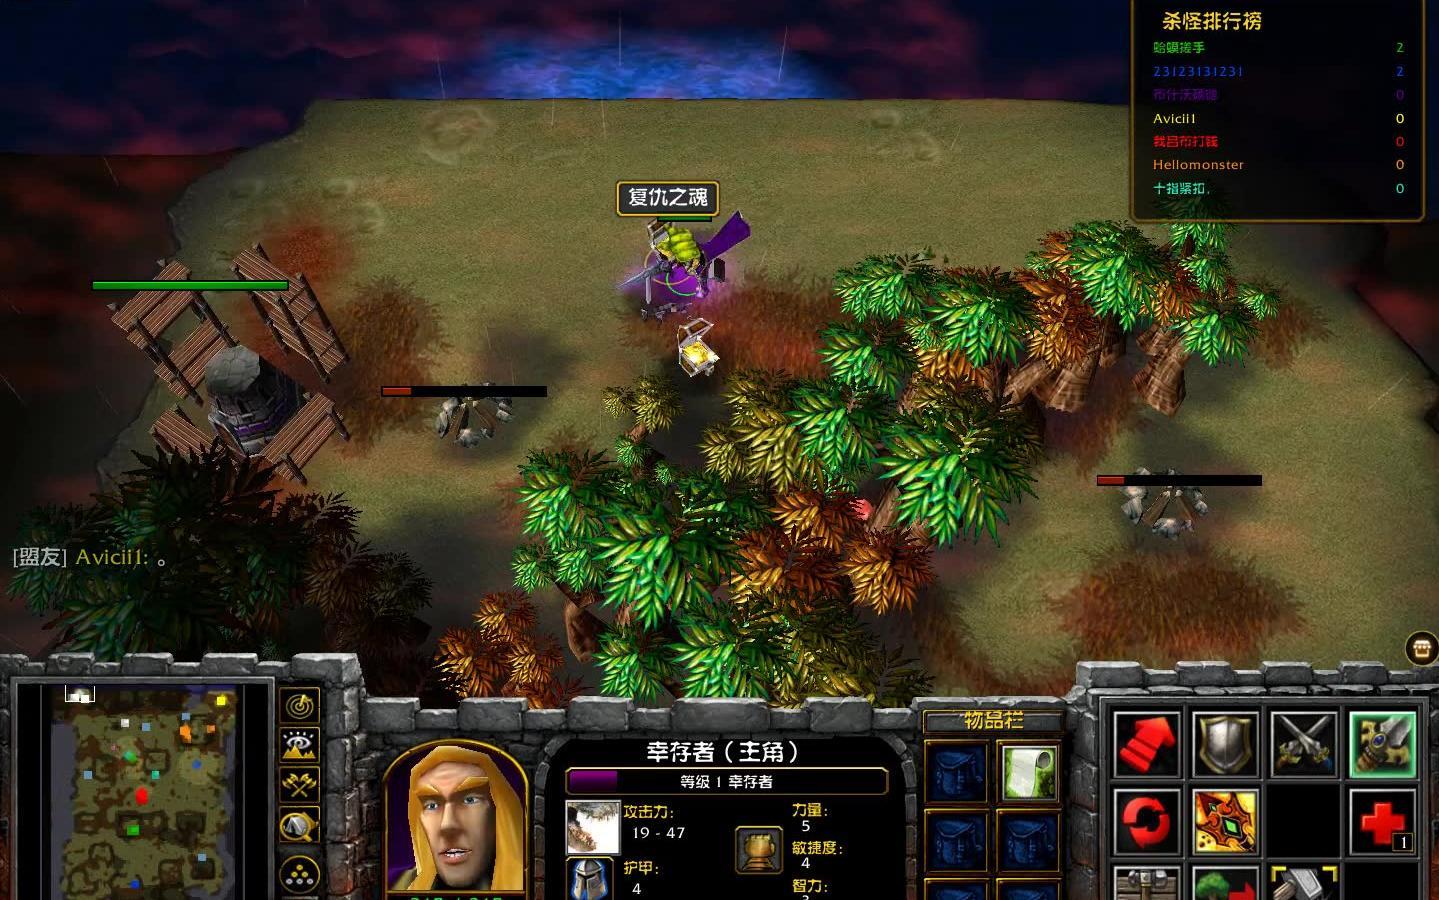 魔兽争霸3rpg地图包_魔兽争霸3RPG地图 侏罗纪-逃出神秘岛:从入门到精通---简单教学 ...